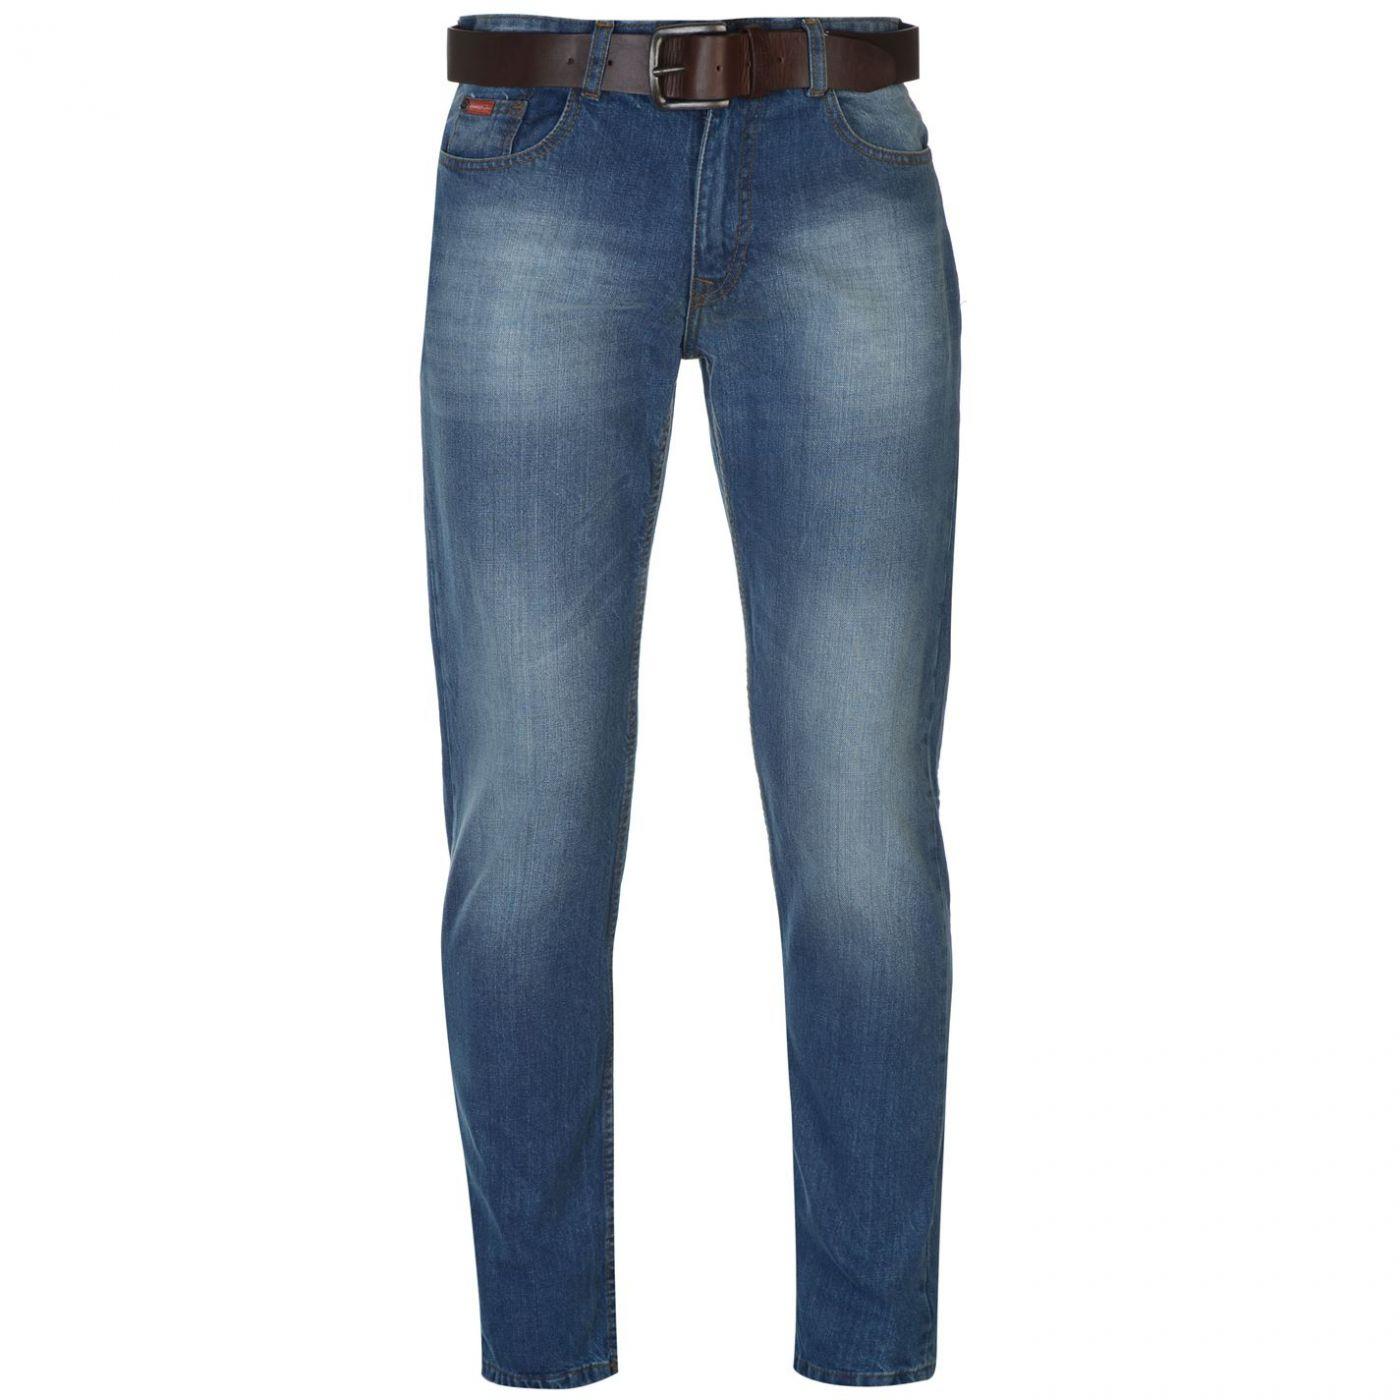 Men's jeans Lee Cooper Belt detailed